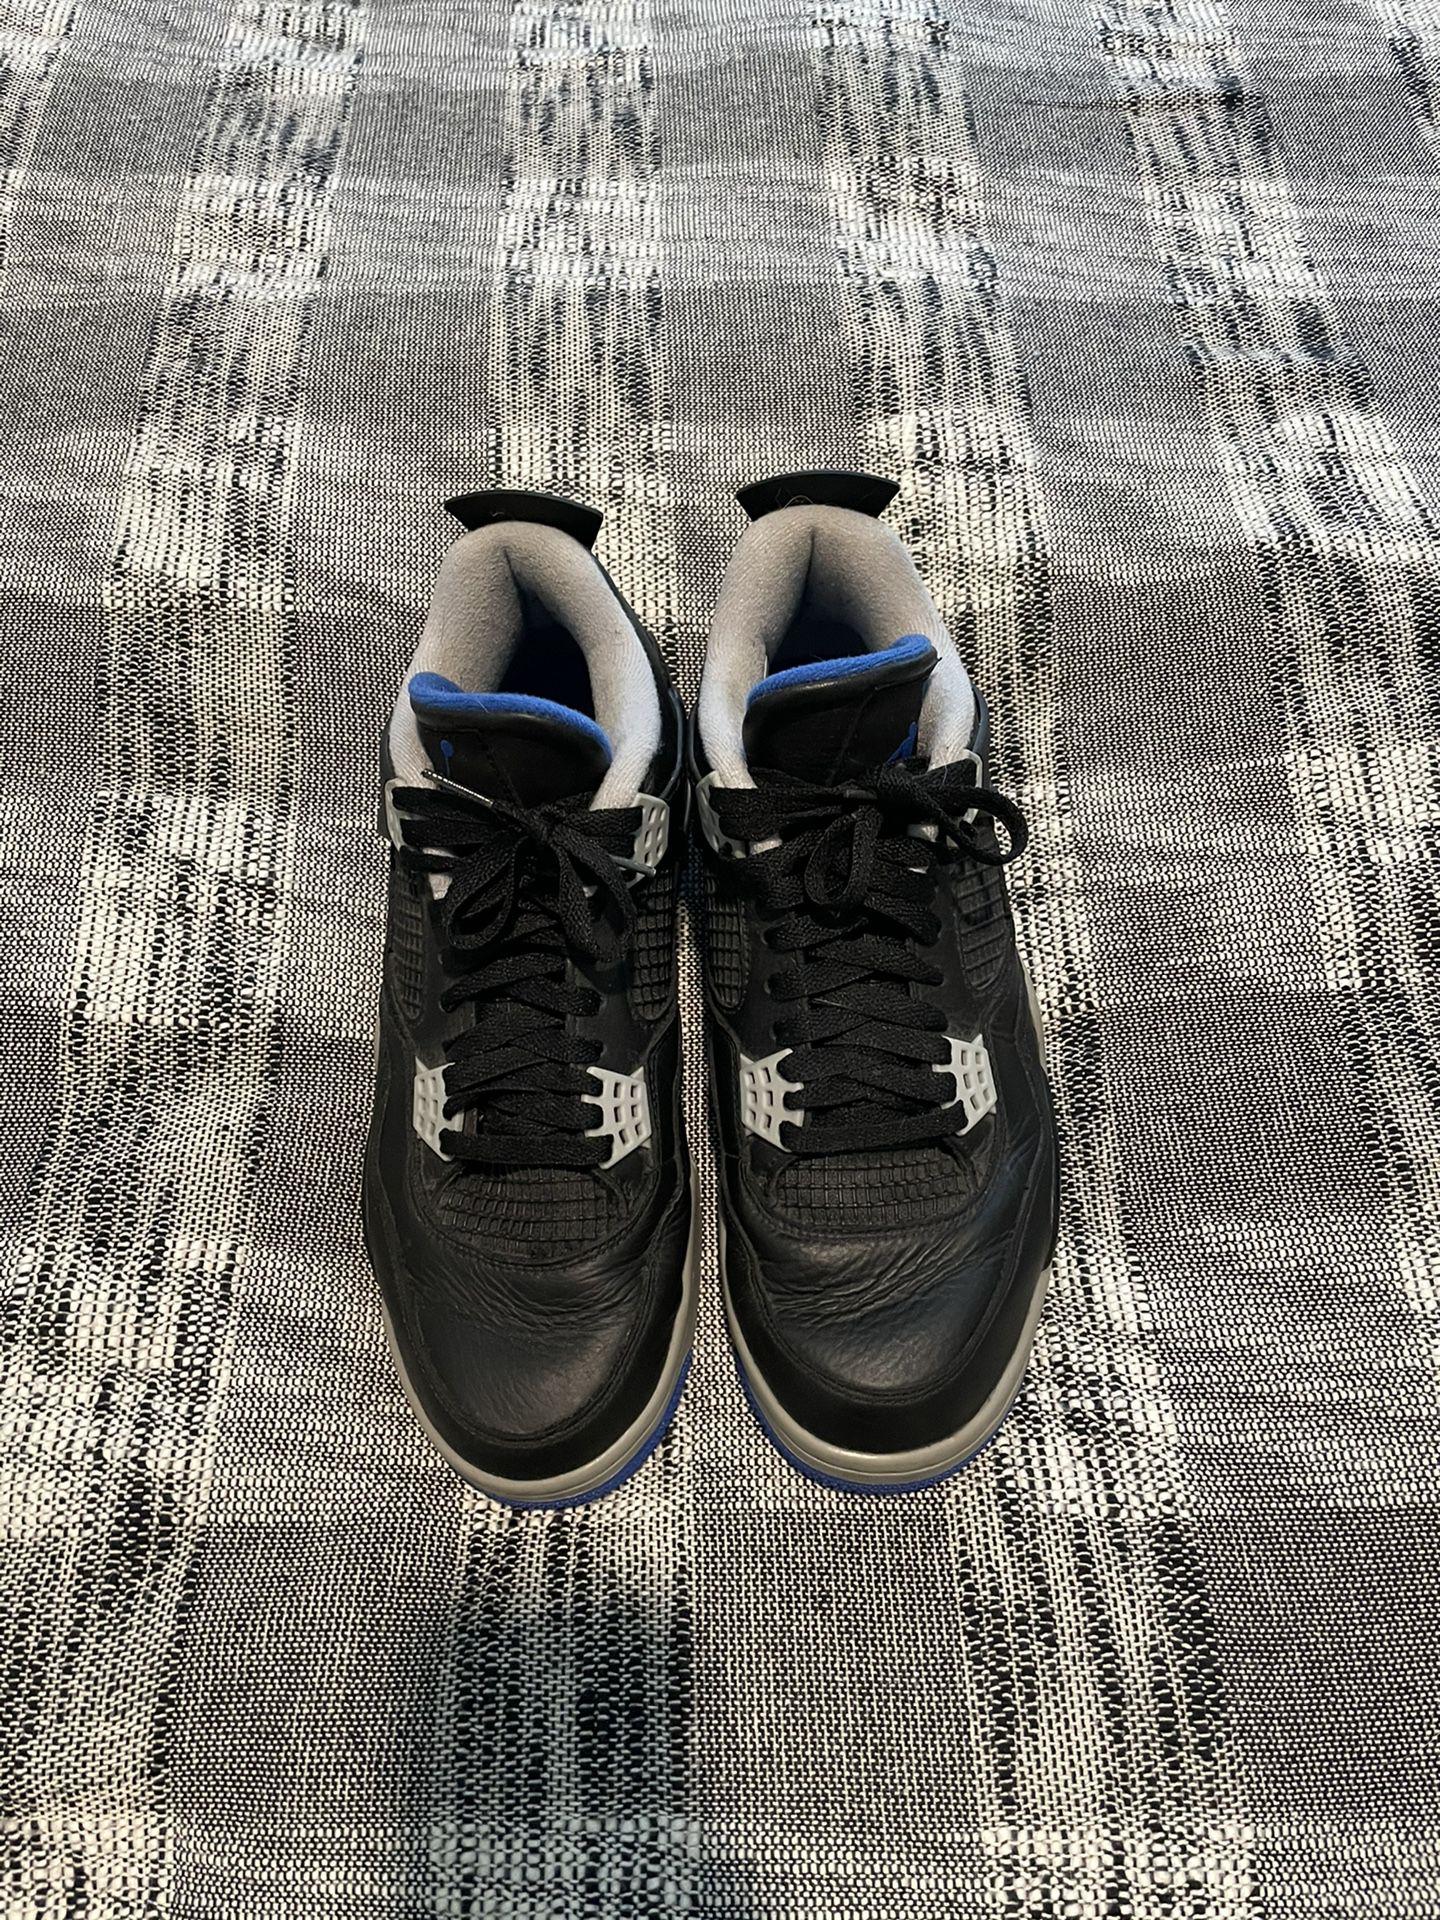 Air Jordan 4 Motor sports Alternative Mens